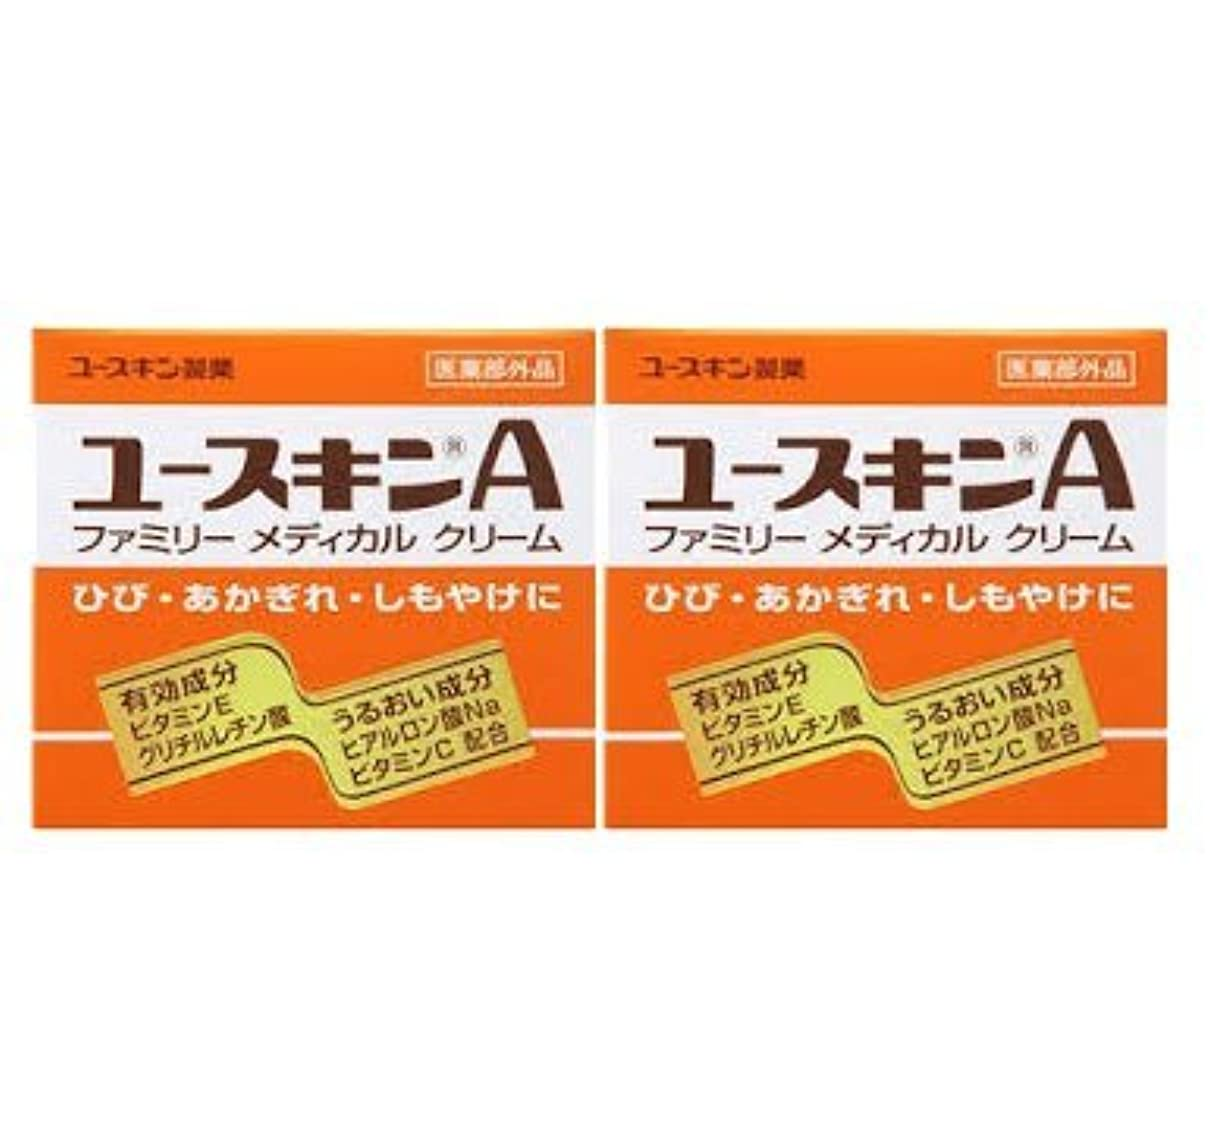 ドキュメンタリー国籍薄汚い【2個セット】ユースキンA ( 120g ) ( ハンドクリーム )